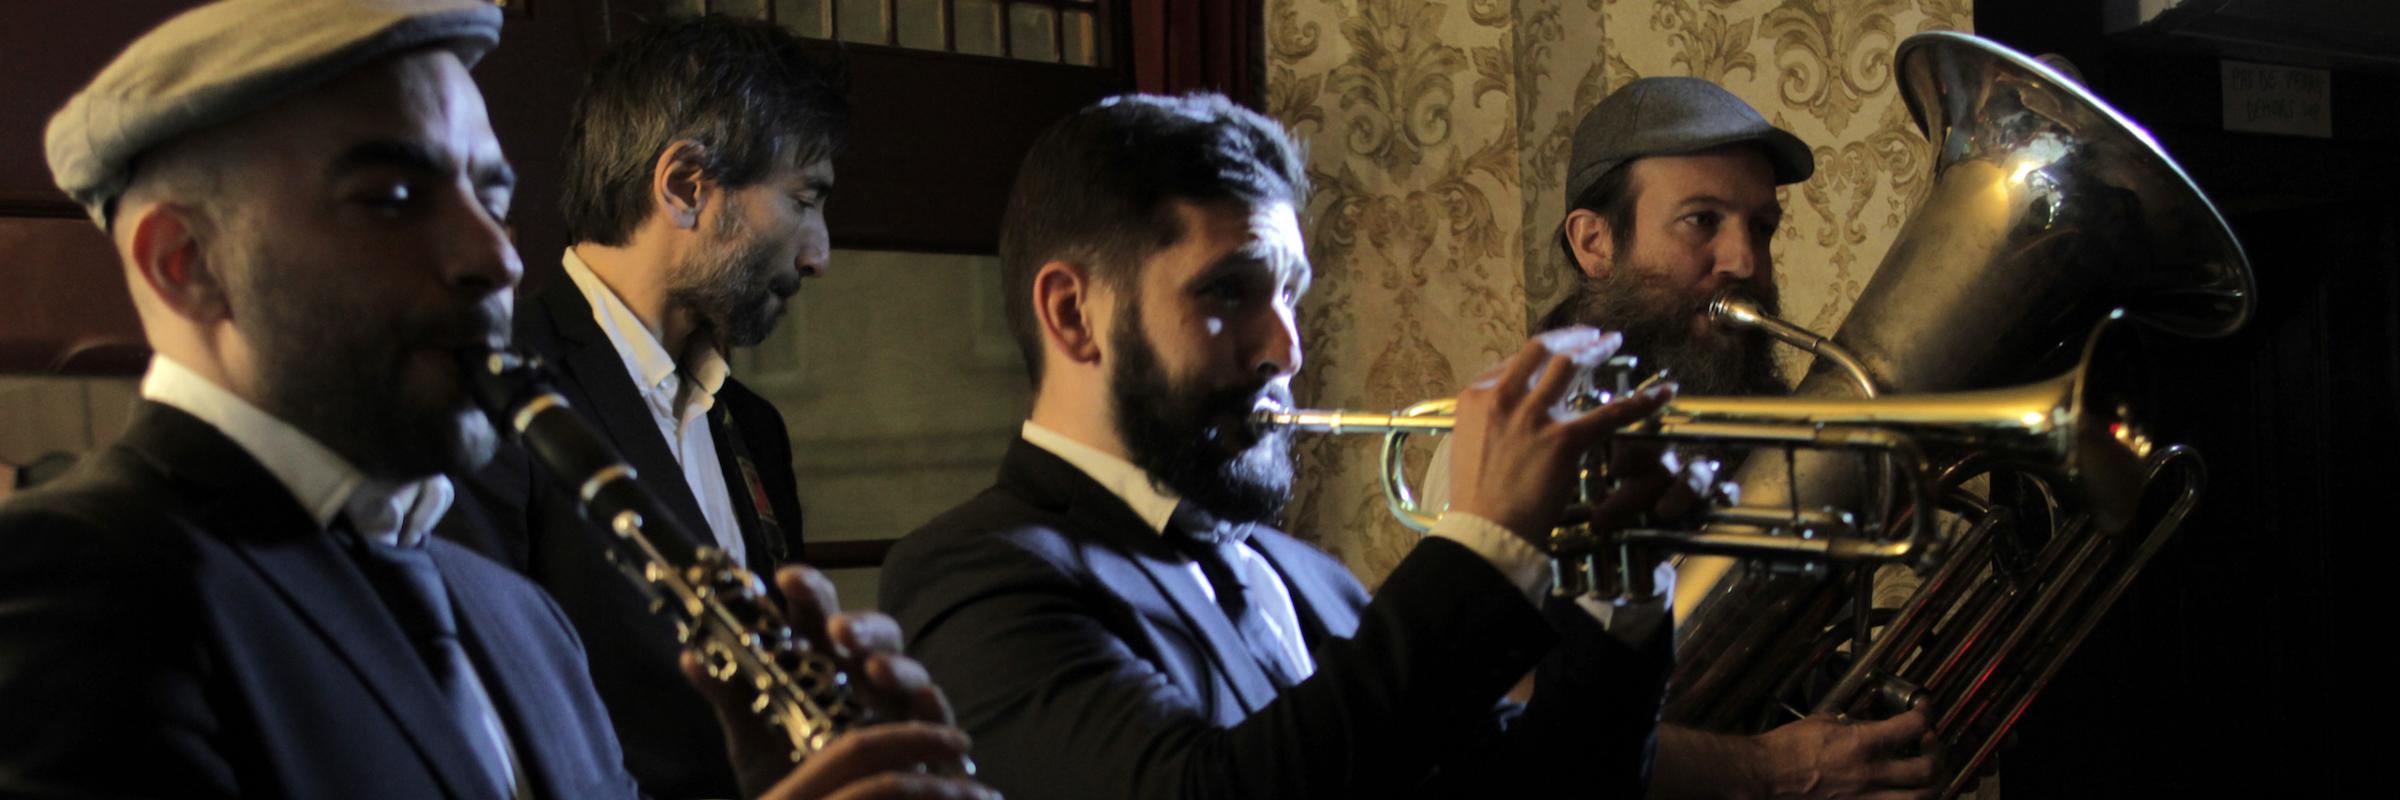 Dry Bayou, groupe de musique Jazz en représentation à Paris - photo de couverture